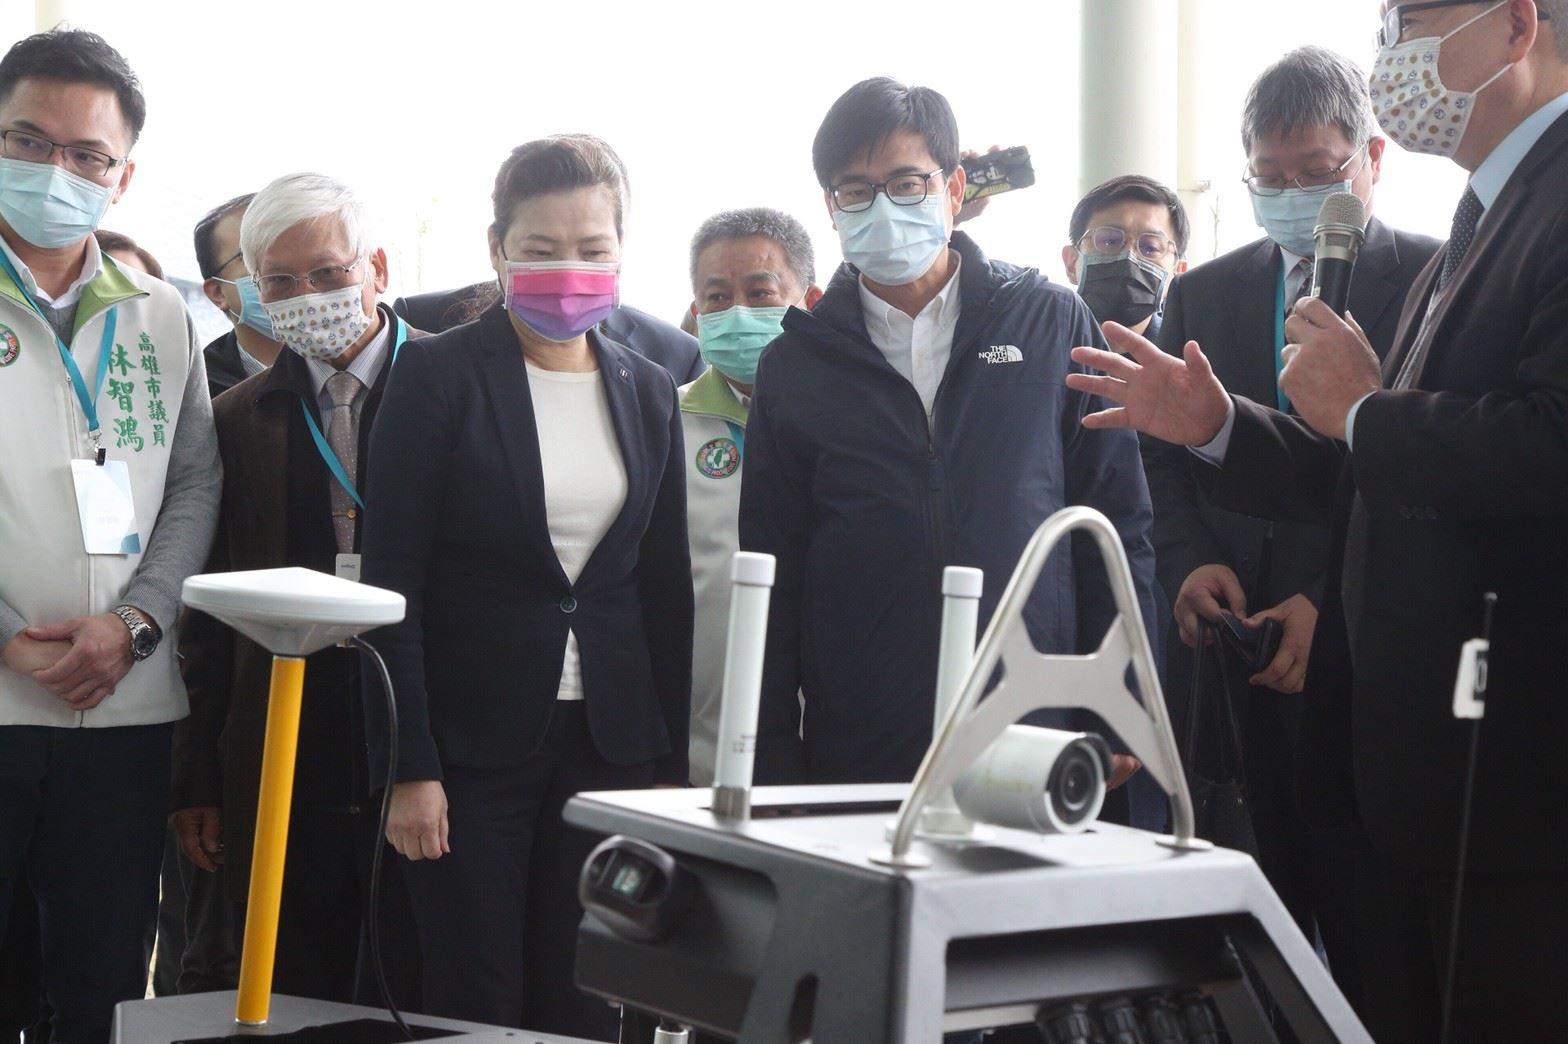 海洋科技產業創新專區啟用暨開訓典禮_210111_25.jpg